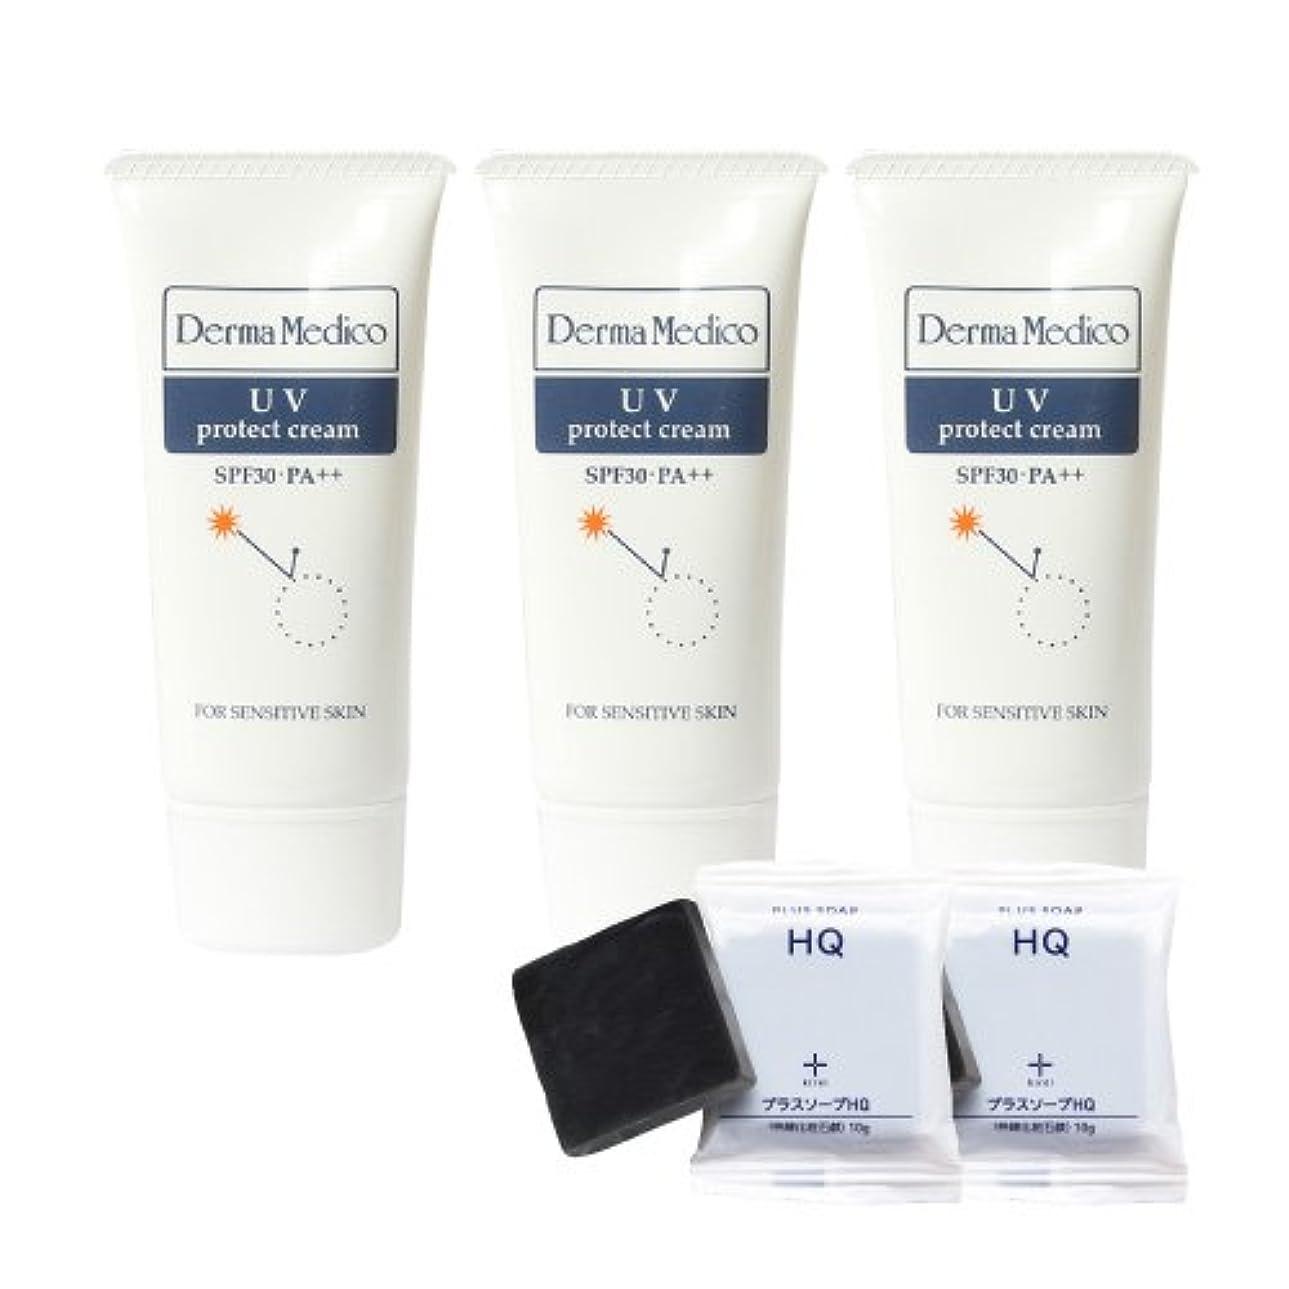 契約ジョージスティーブンソン側面ダーマメディコ UVプロテクトクリーム (3本+ミニソープ2個セット)